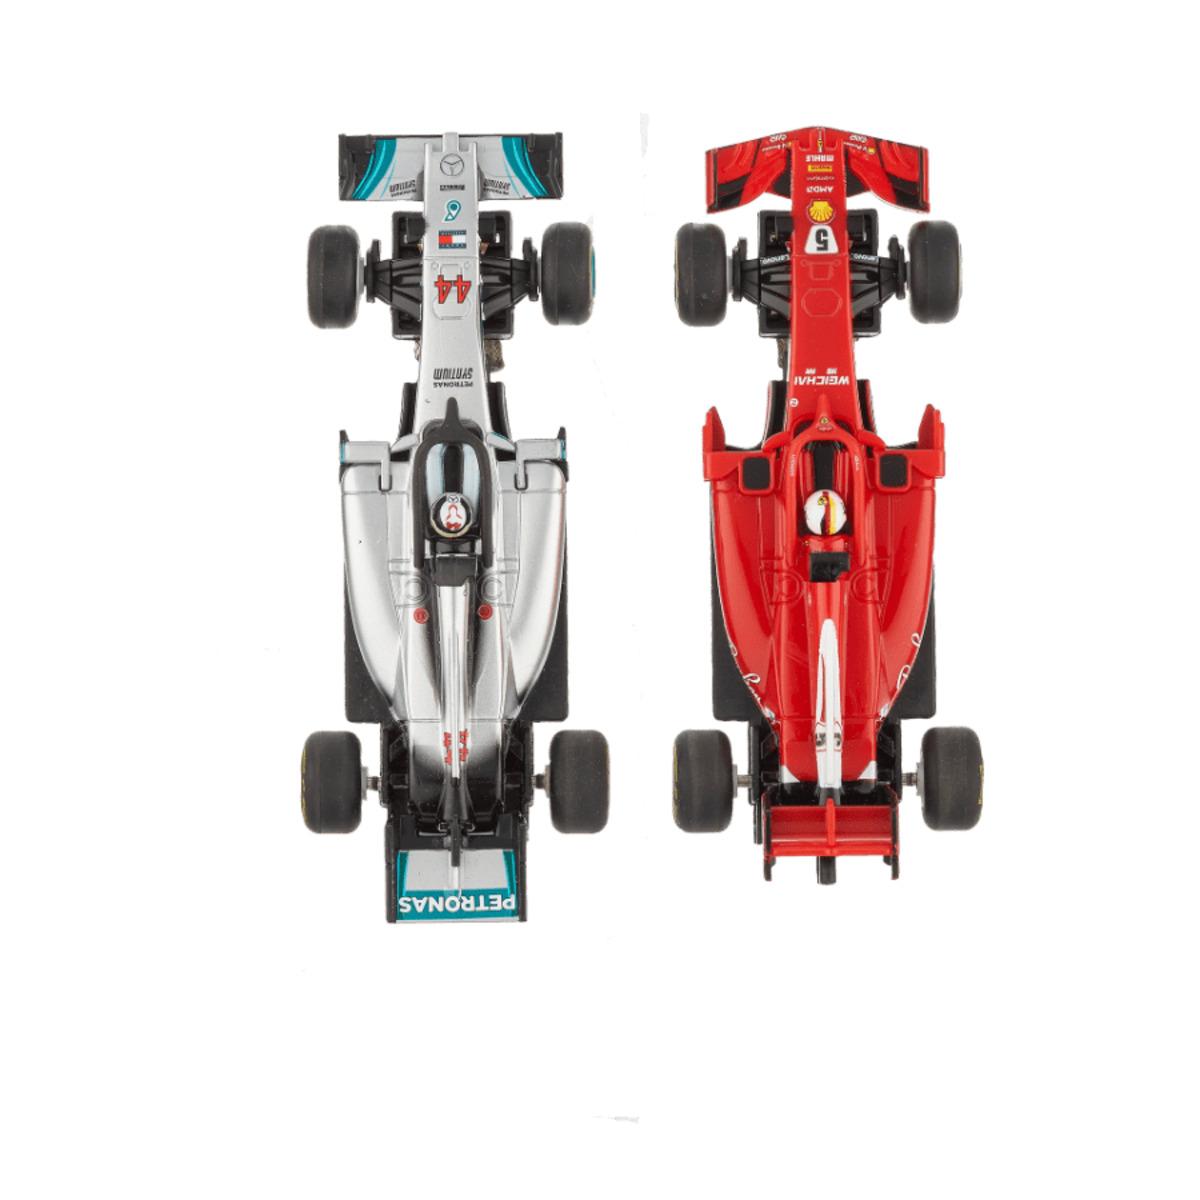 Bild 3 von Carrera Go!!! Autorennbahn